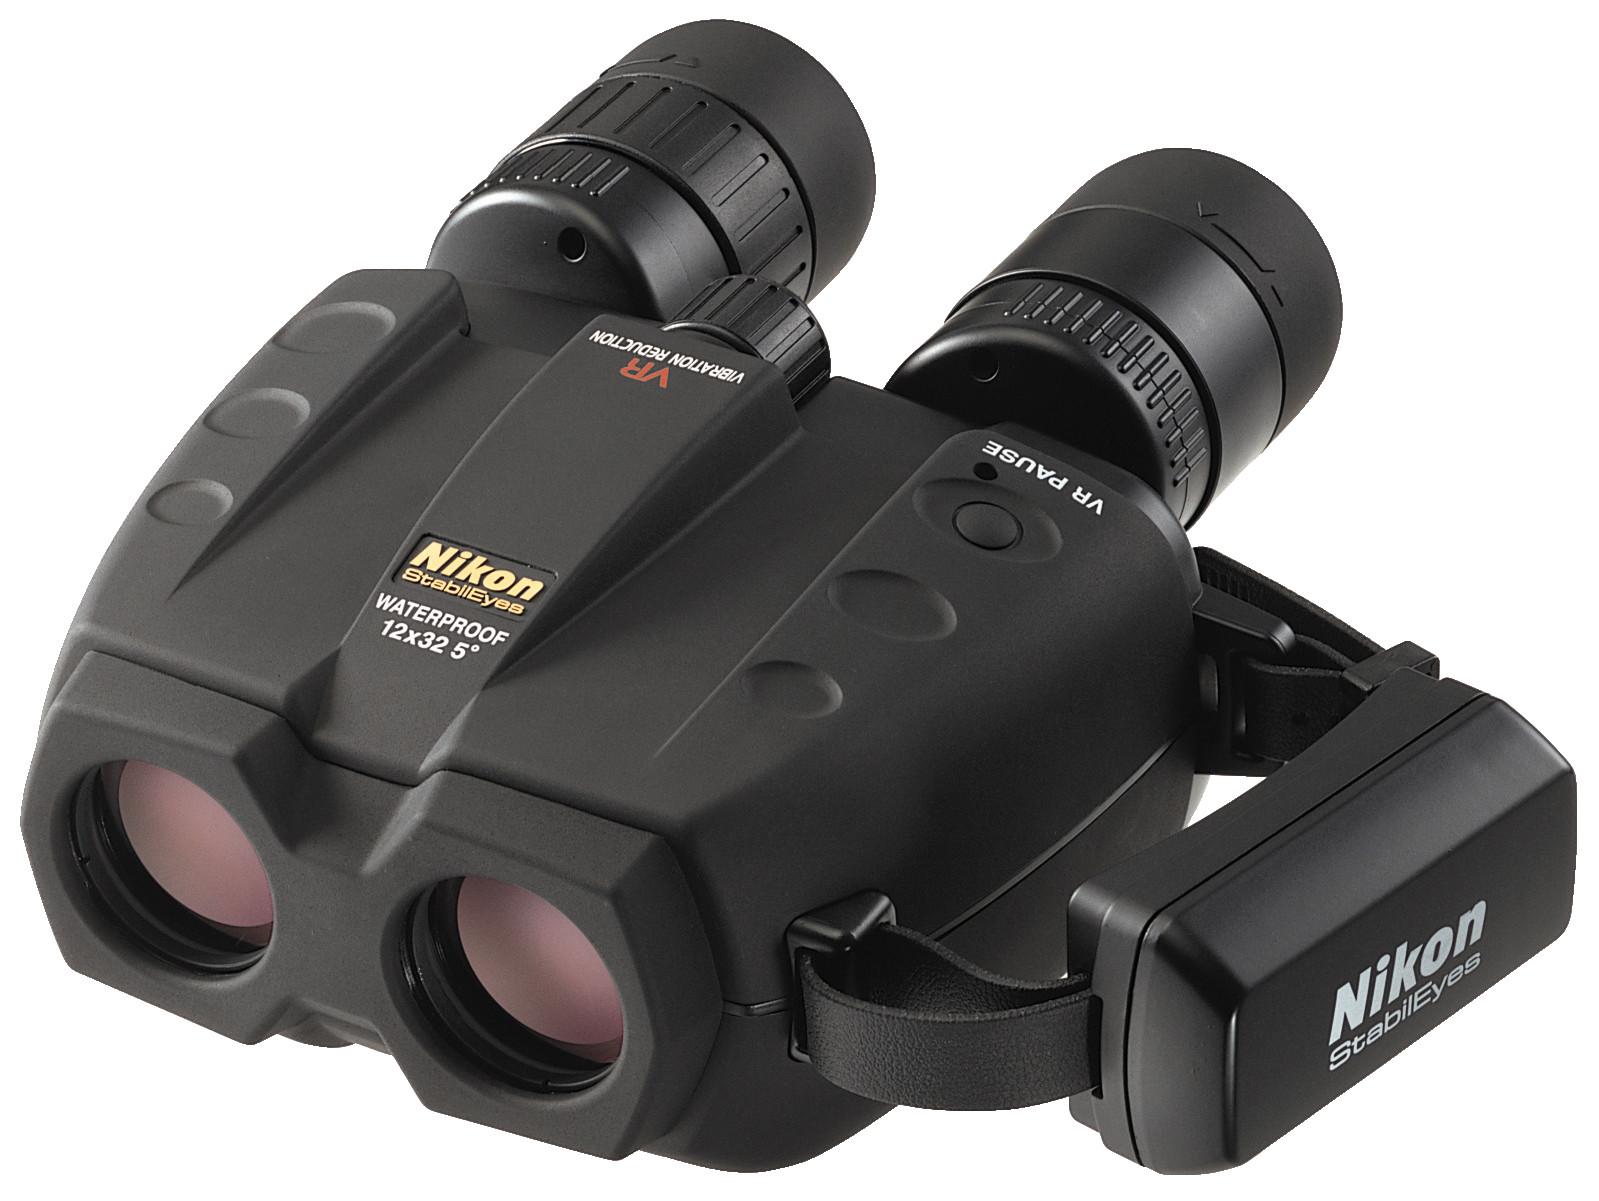 StabilEyes 12X32 避震型望遠鏡 雙筒望遠鏡/單眼鏡-夜間觀星